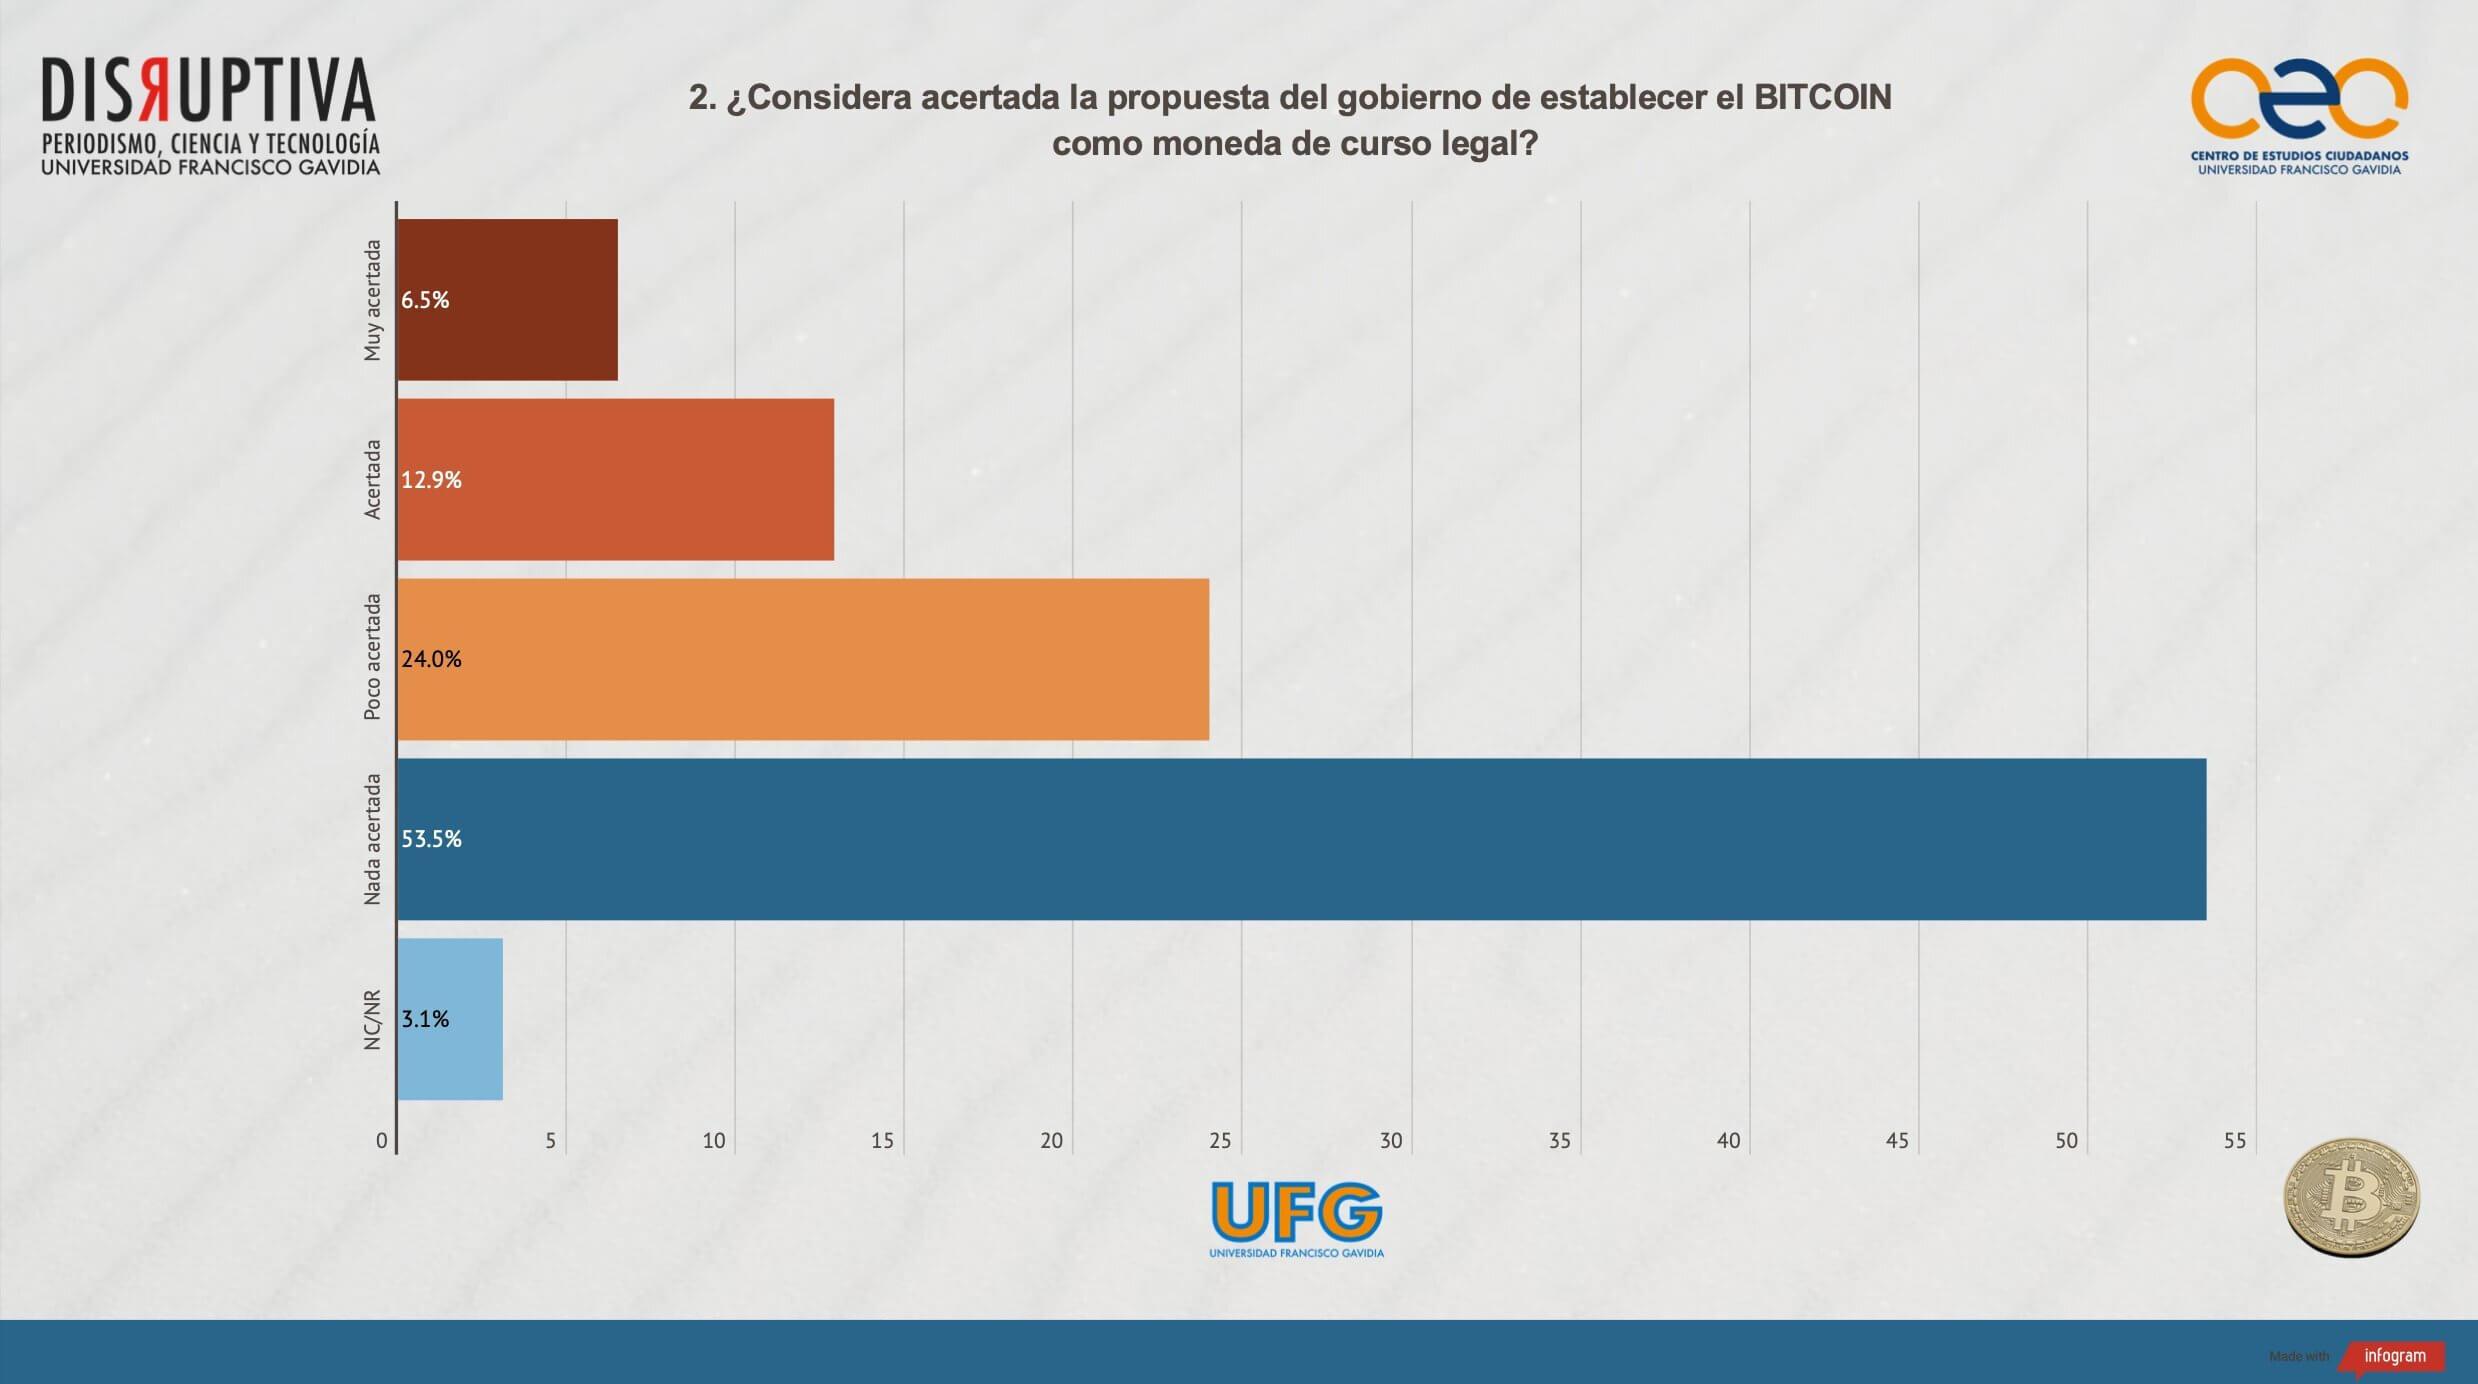 диаграмма опрос Сальвадор Биткоин